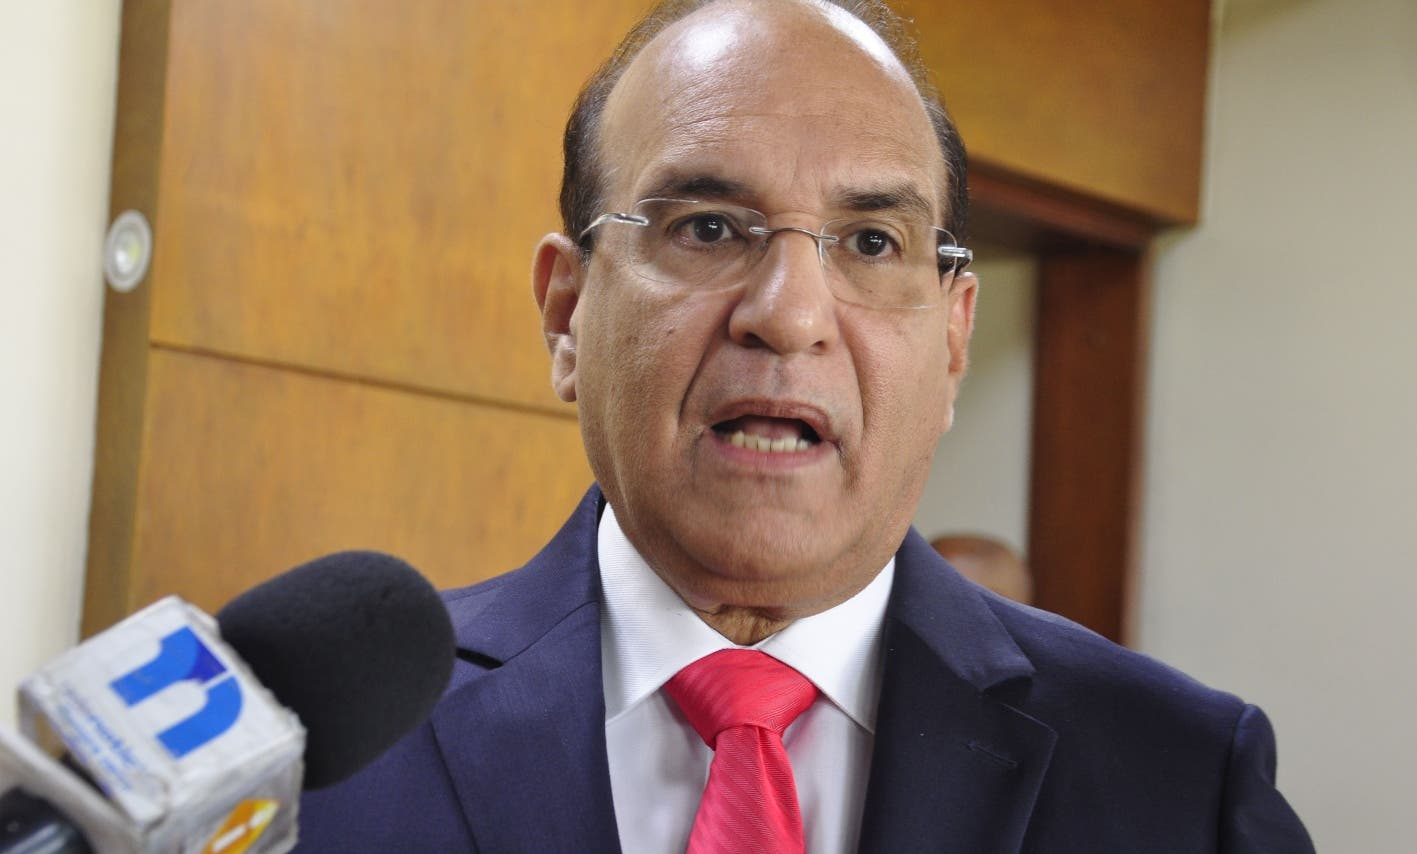 Pleno JCE aprueba reglamento de fiscalización y control financiero de partidos políticos